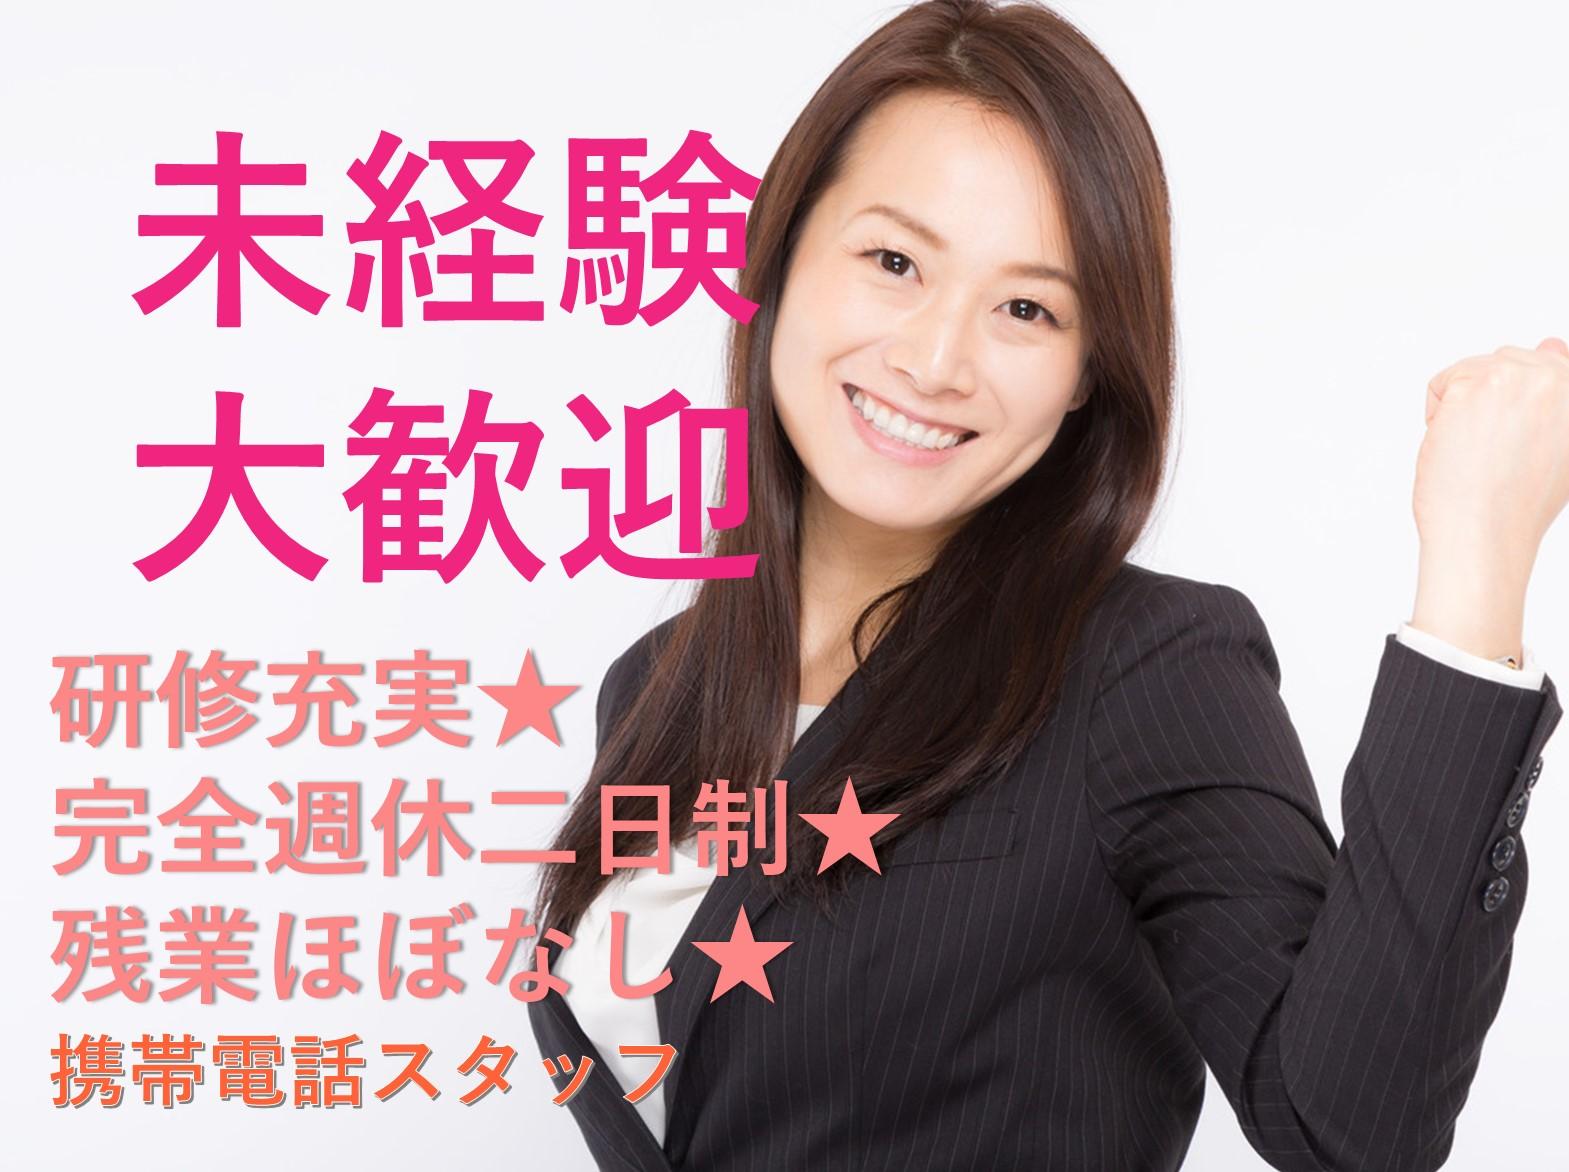 急募【名古屋市緑区】未経験◎ワークライフバランス◎携帯電話スタッフ イメージ